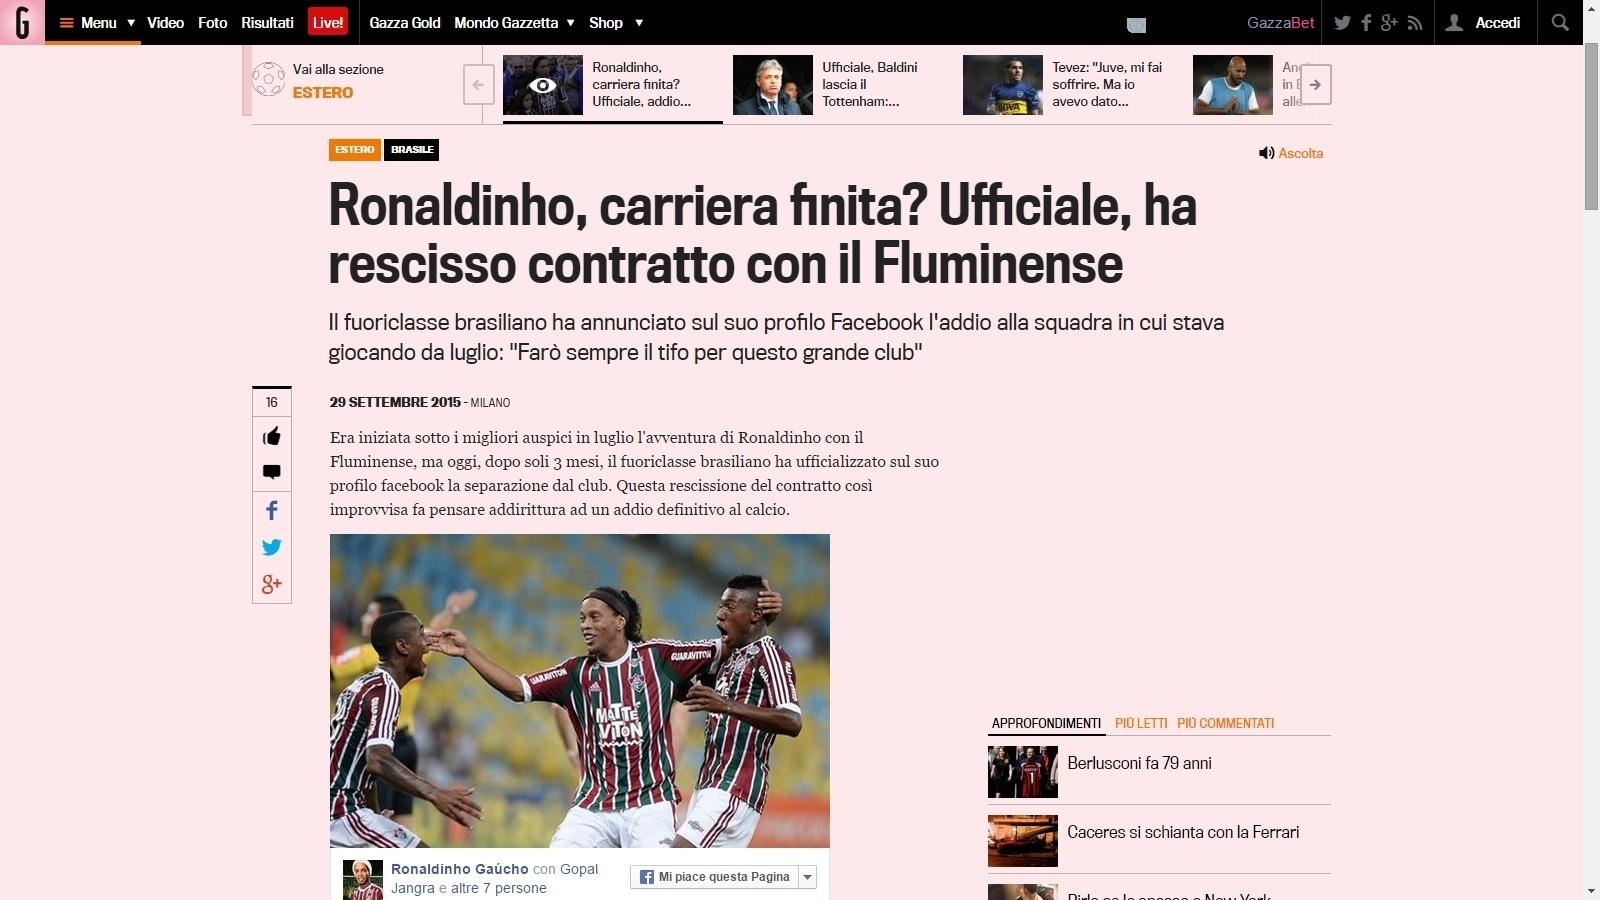 Jornal italiano Gazzetta dello Sport especula aposentadoria de Ronaldinho Gaúcho após rescisão com o Fluminense